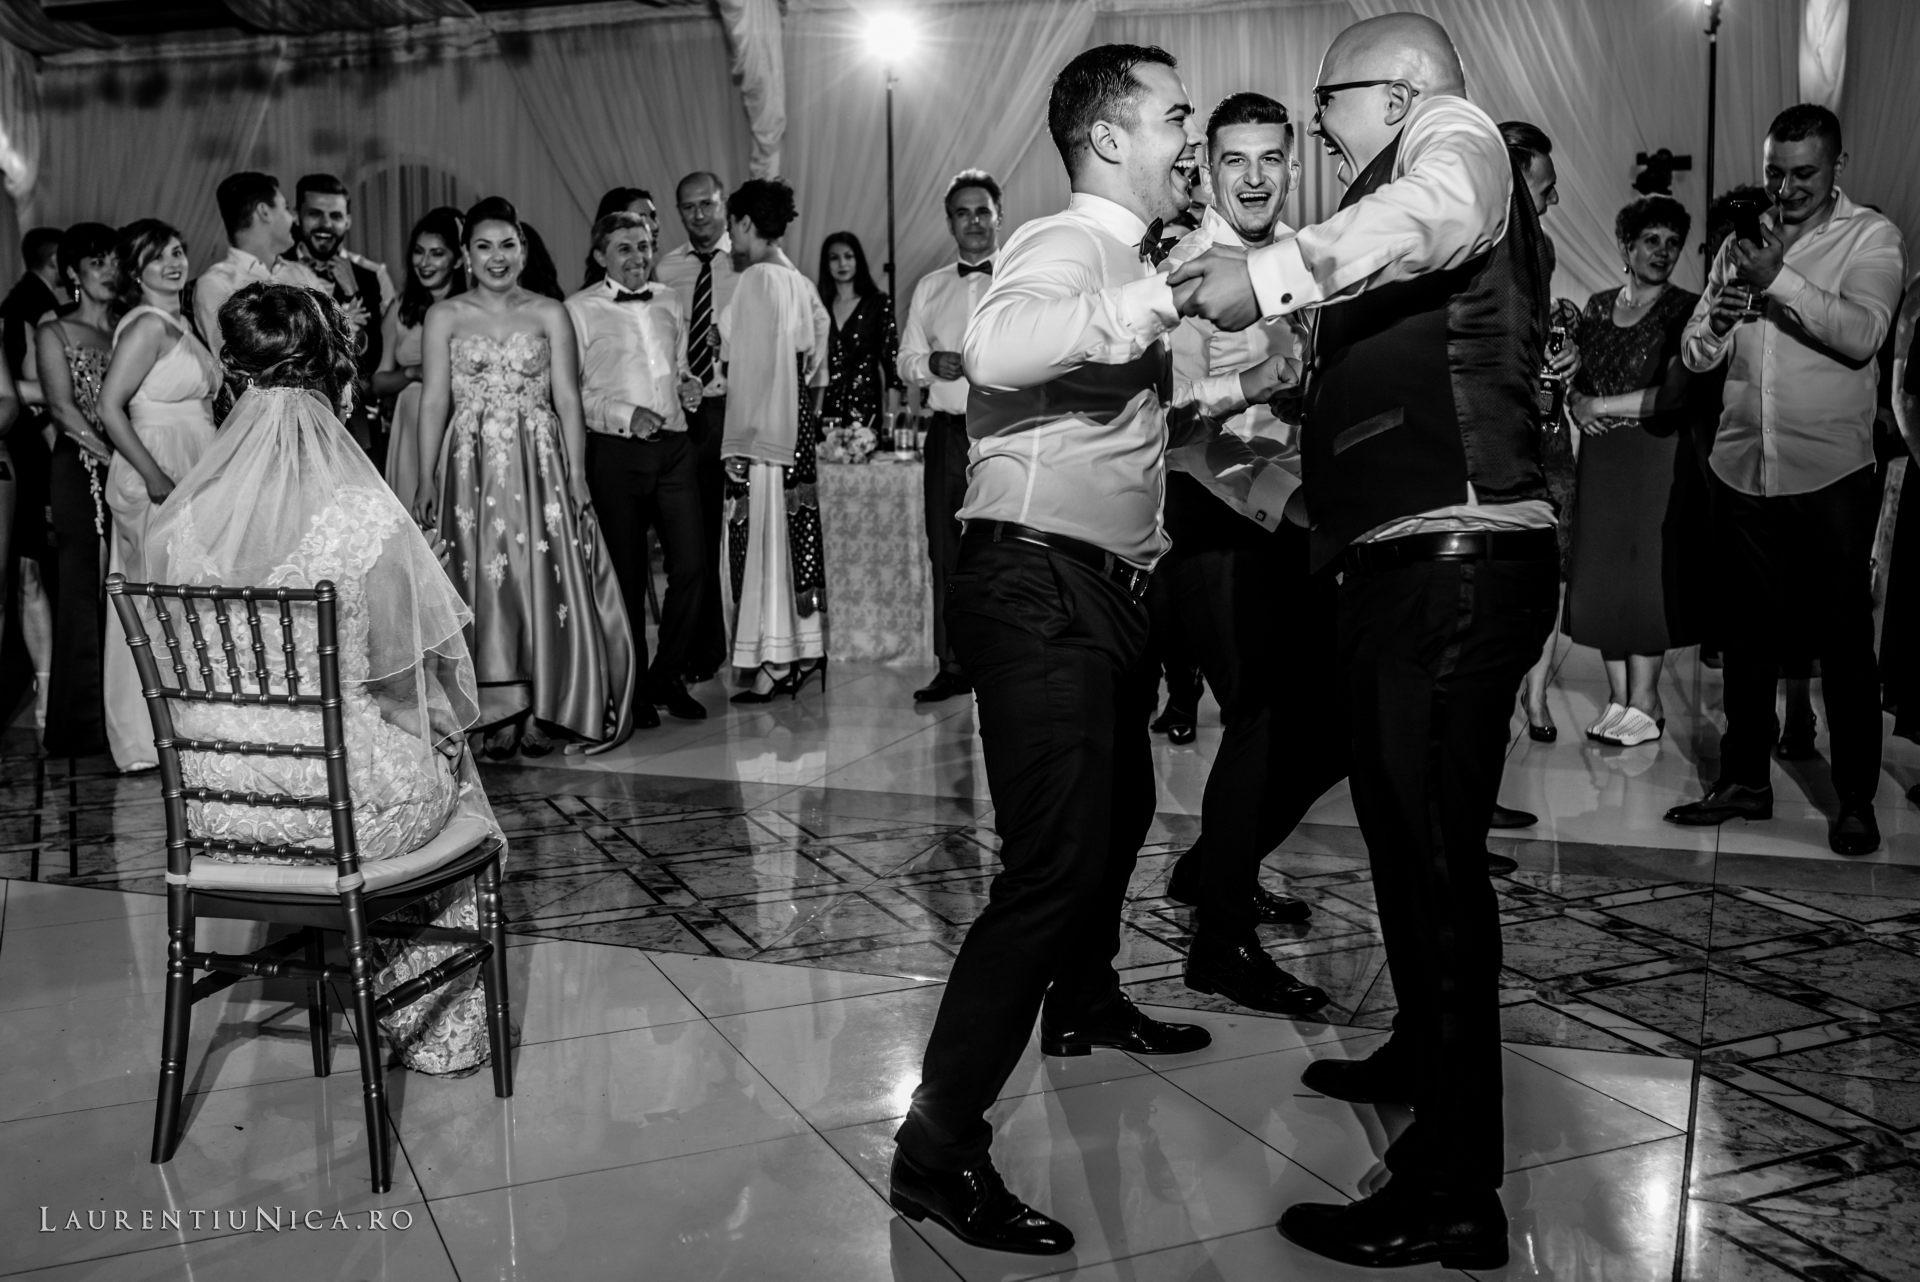 denisa si catalin fotograf nunta laurentiu nica craiova 84 - Denisa si Catalin | Fotografii nunta | Craiova